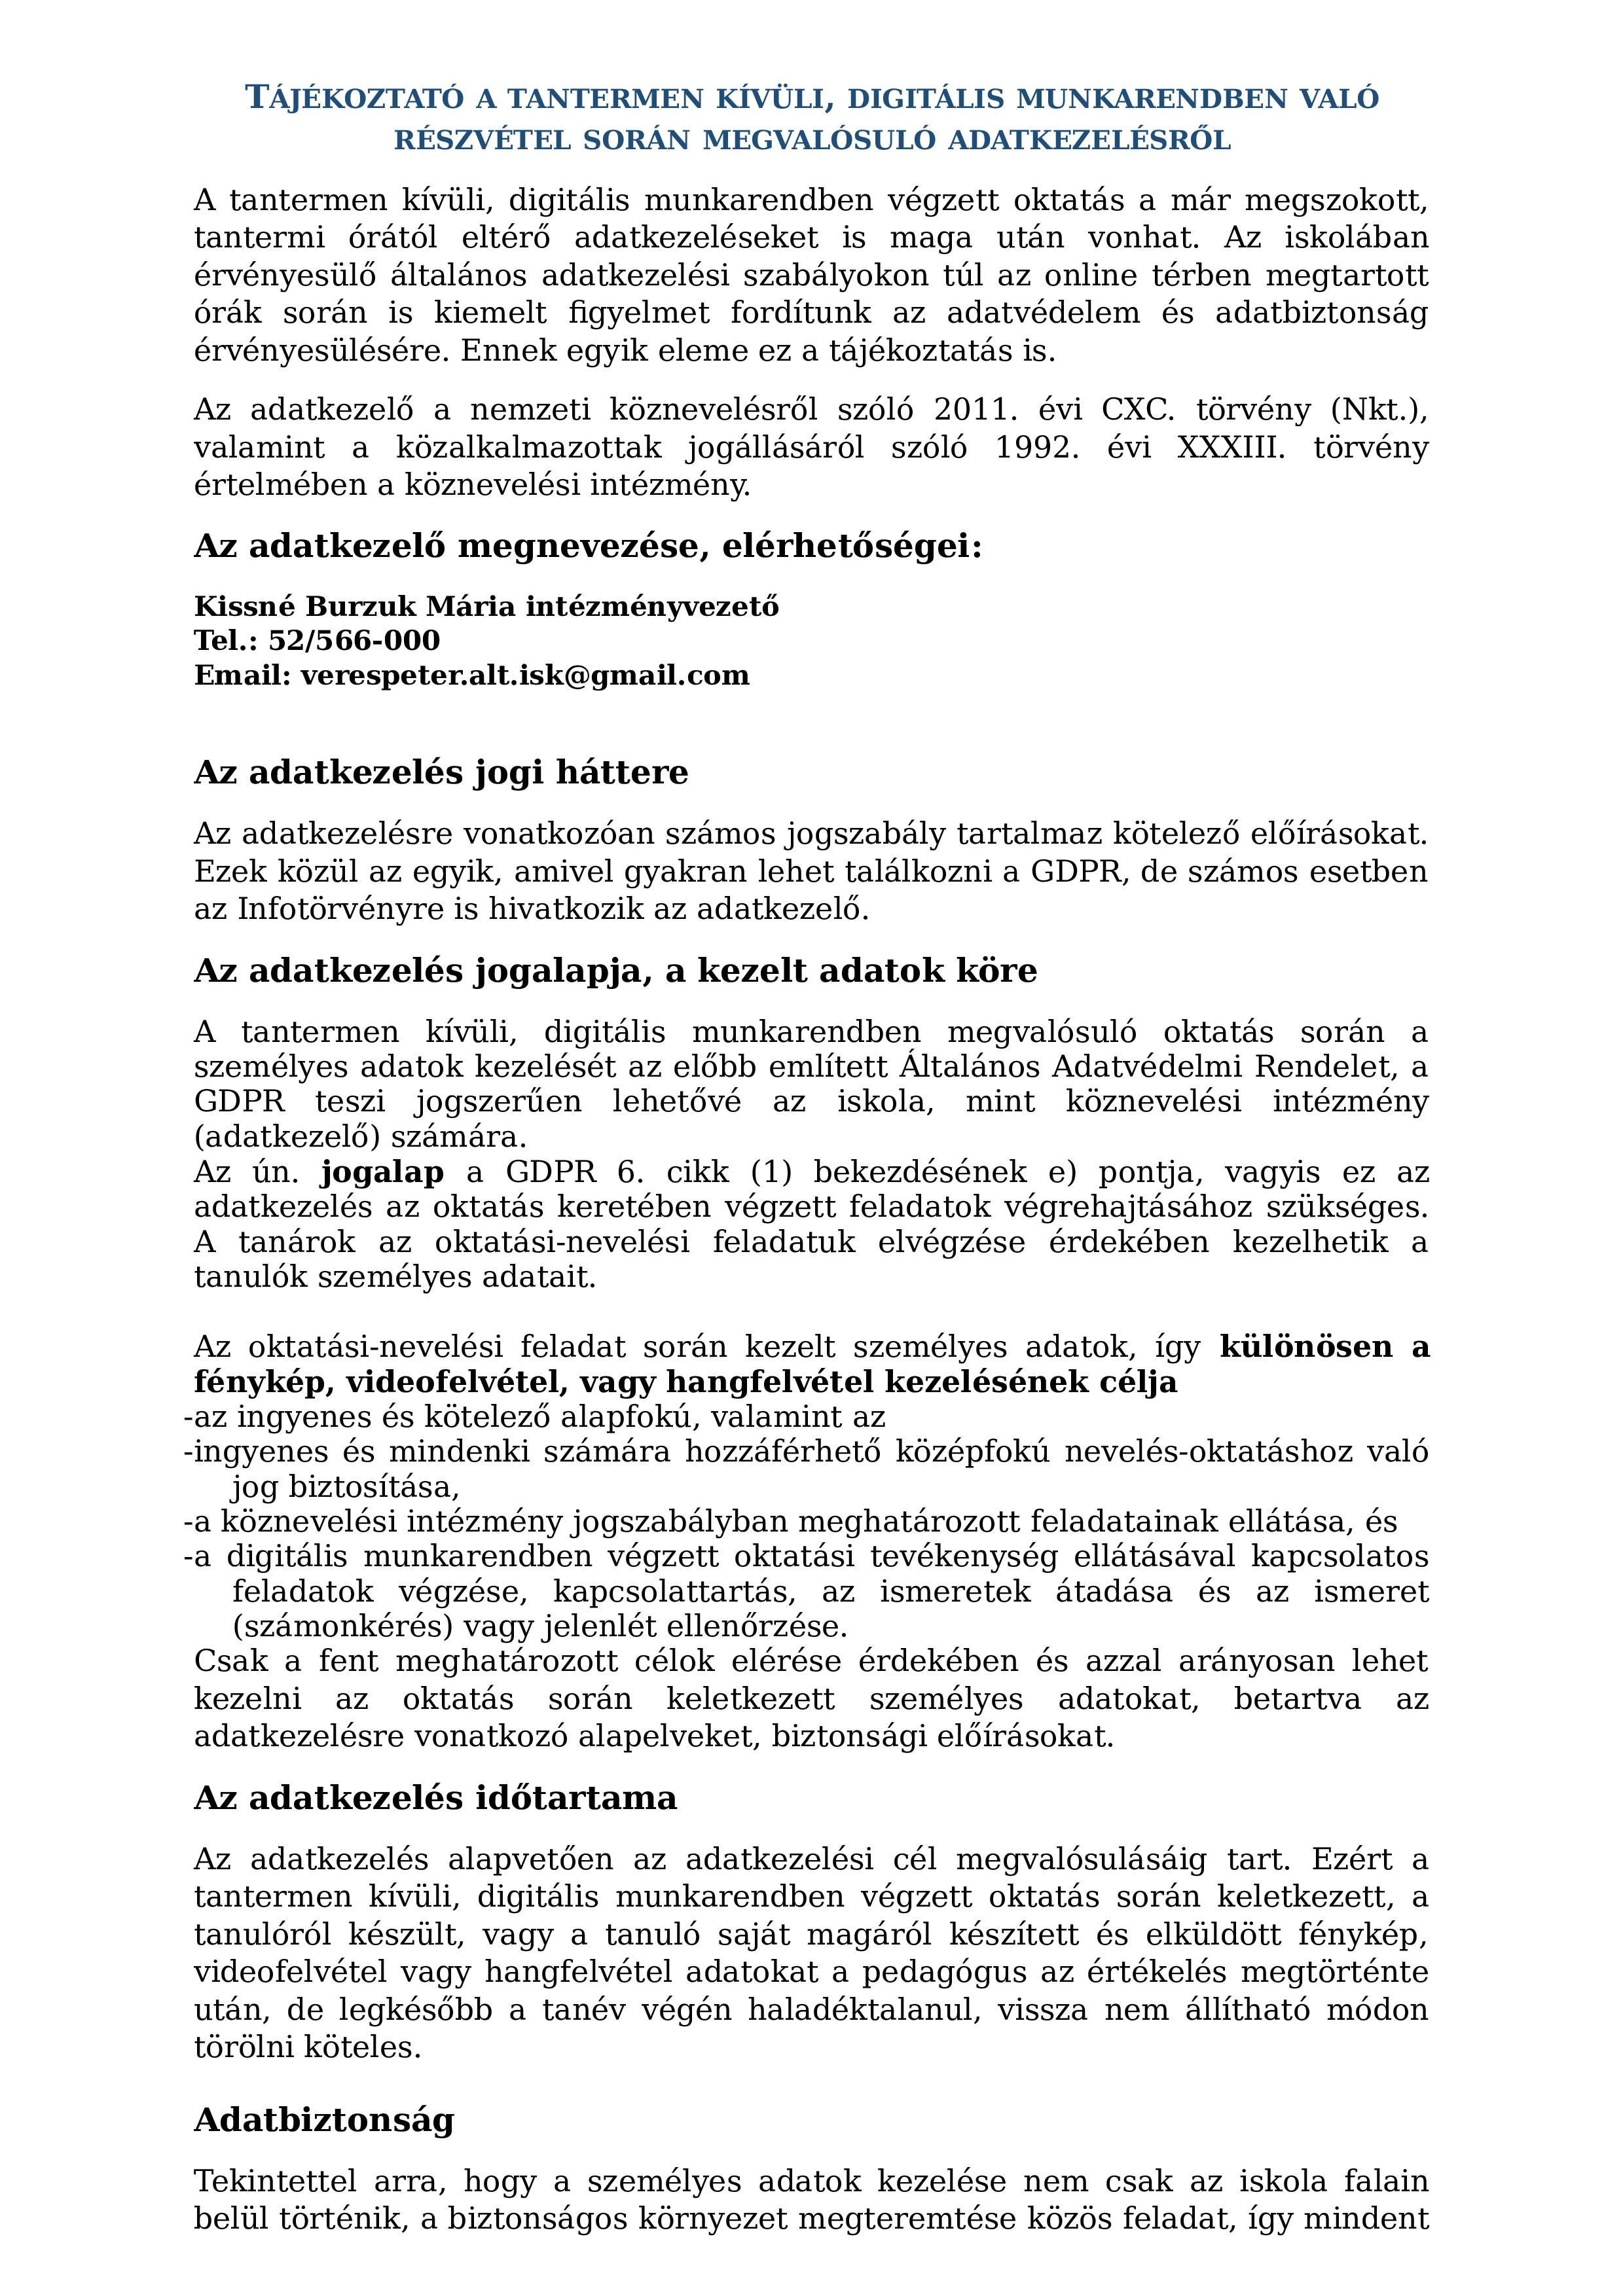 közös kezelés az újságban)